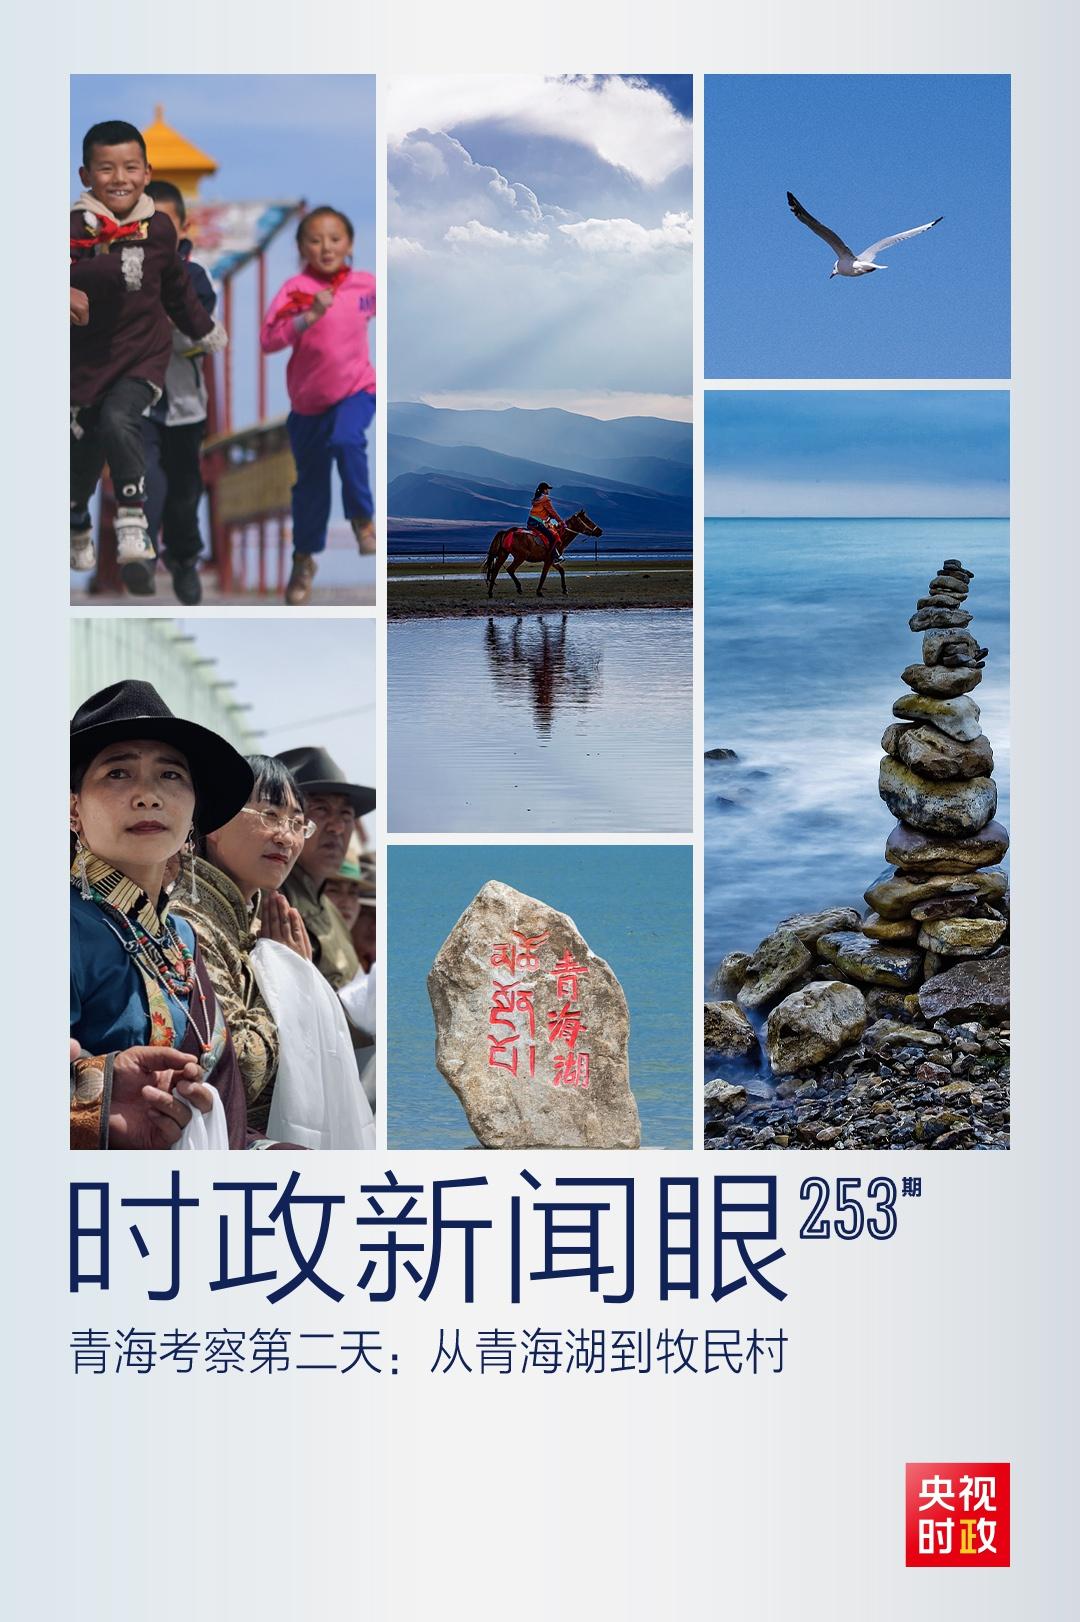 时政新闻眼丨从青海湖到牧民村,习近平紧盯重要部署如何落实图片